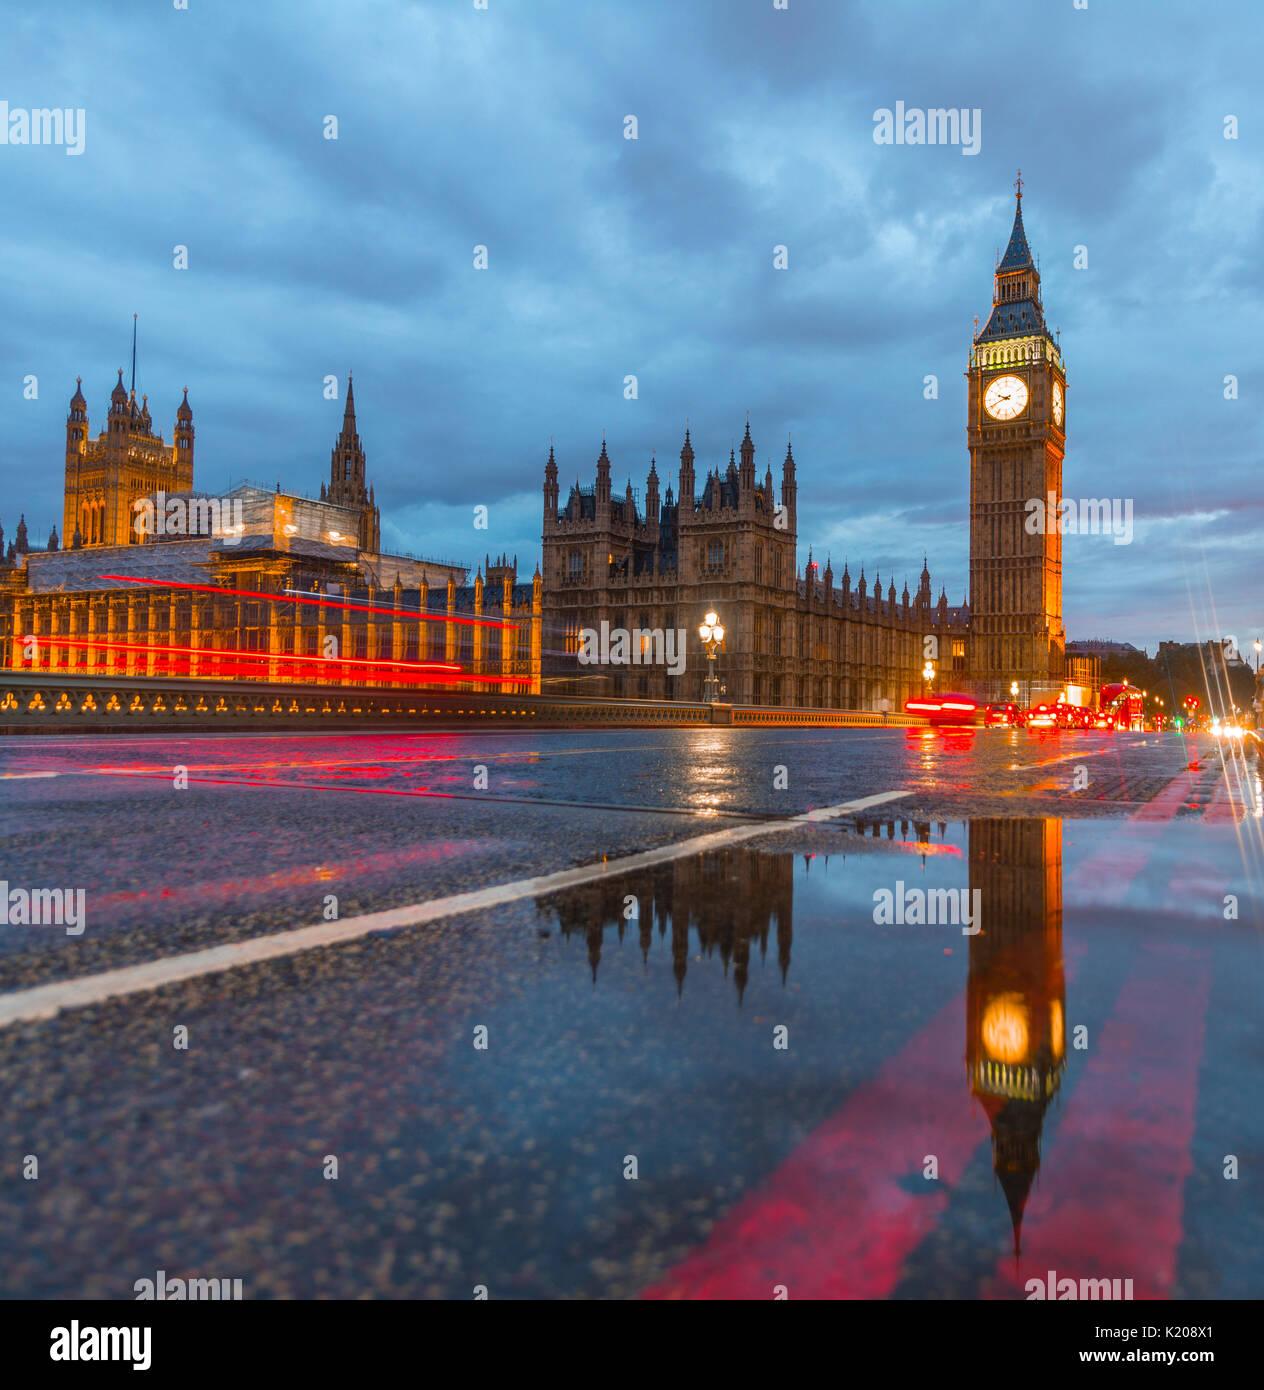 Die Westminster Bridge, Palast von Westminster, das Parlament mit Reflexion, Big Ben, leichte Wanderwege, Westminster Stockbild